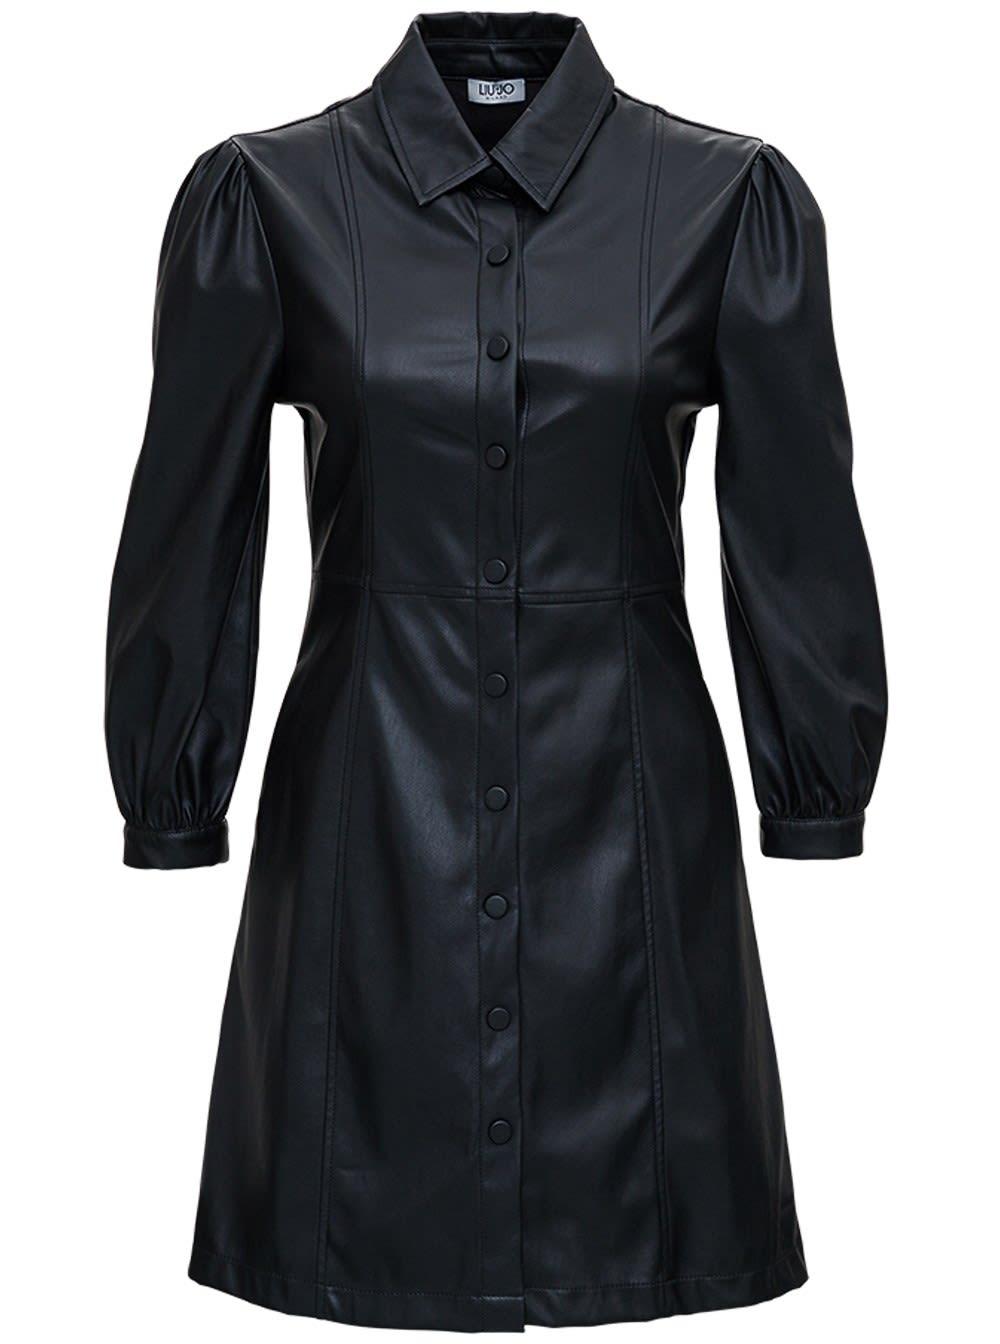 Liu-Jo Black Leatheret Dress